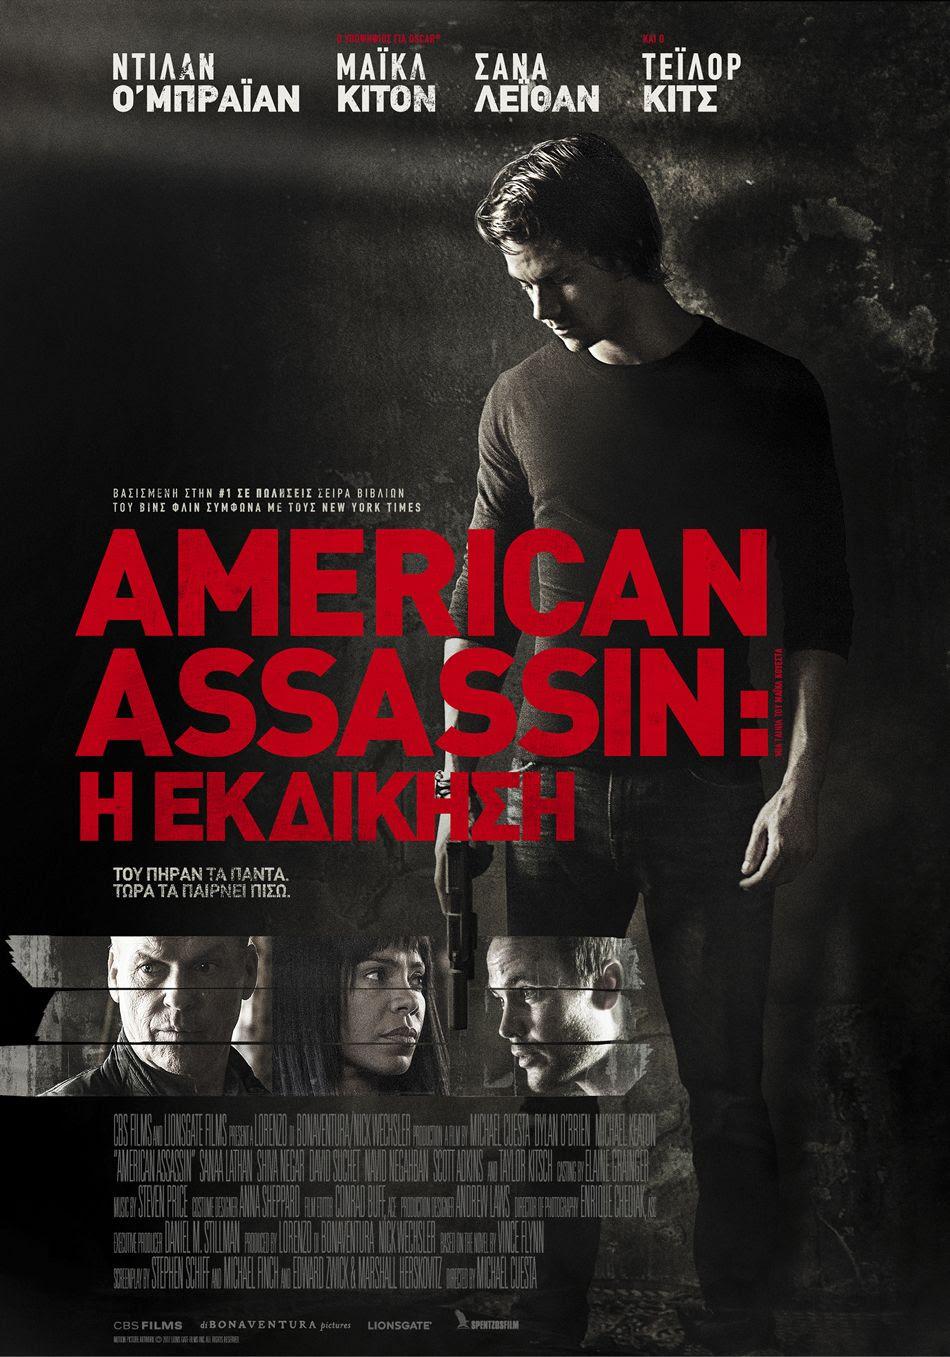 American Assassin: Η εκδίκηση (American Assassin) Poster Πόστερ